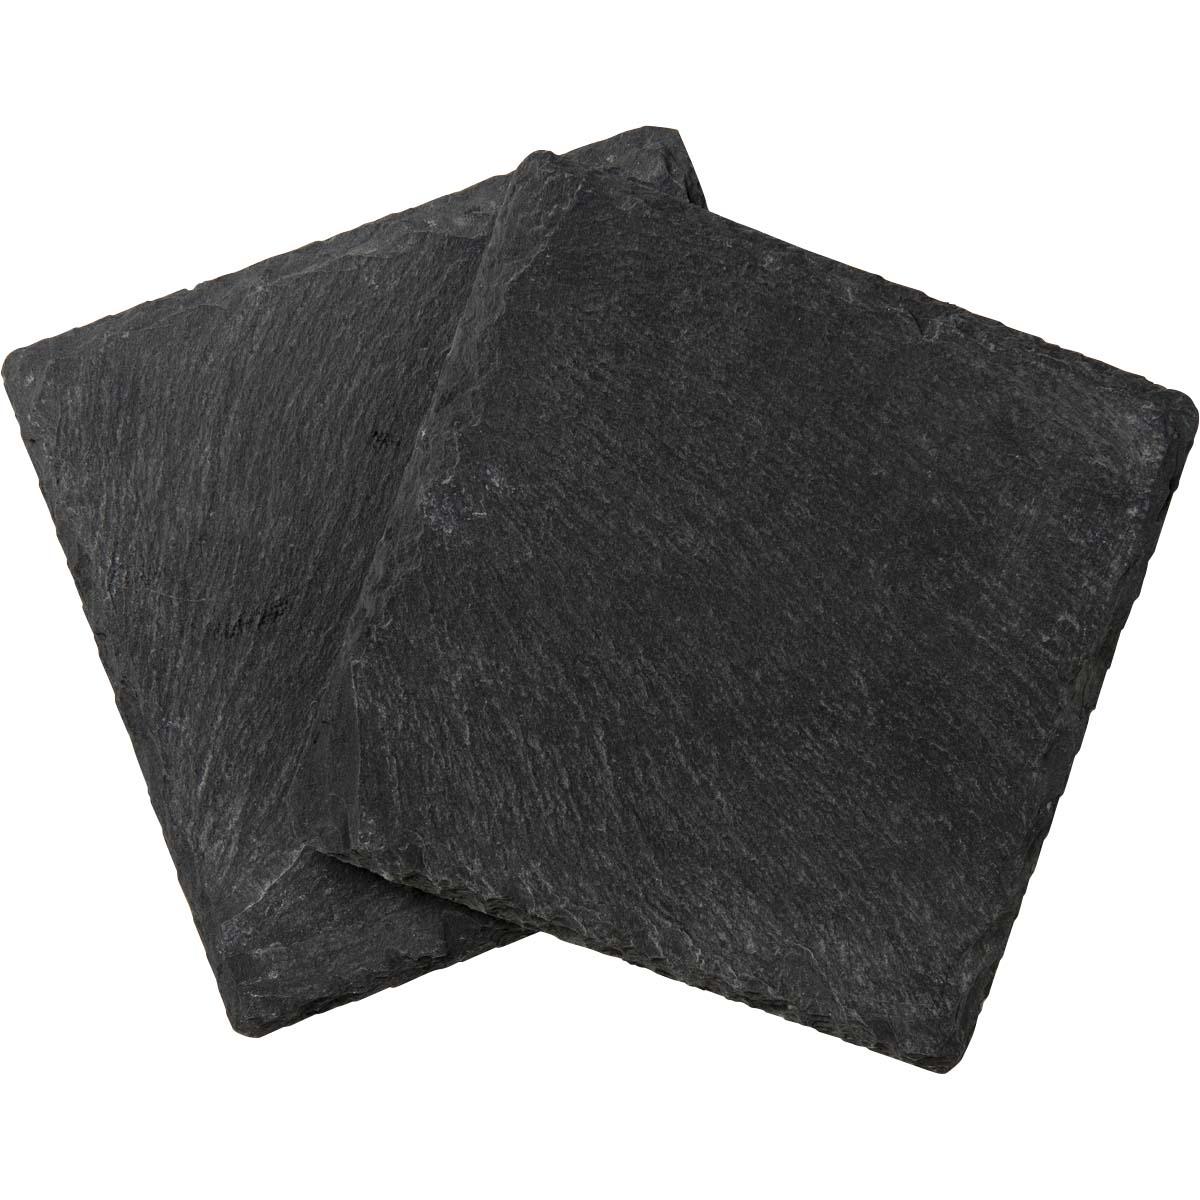 Plaid ® Surfaces - Slate Coasters, 2 pc. - 96399E